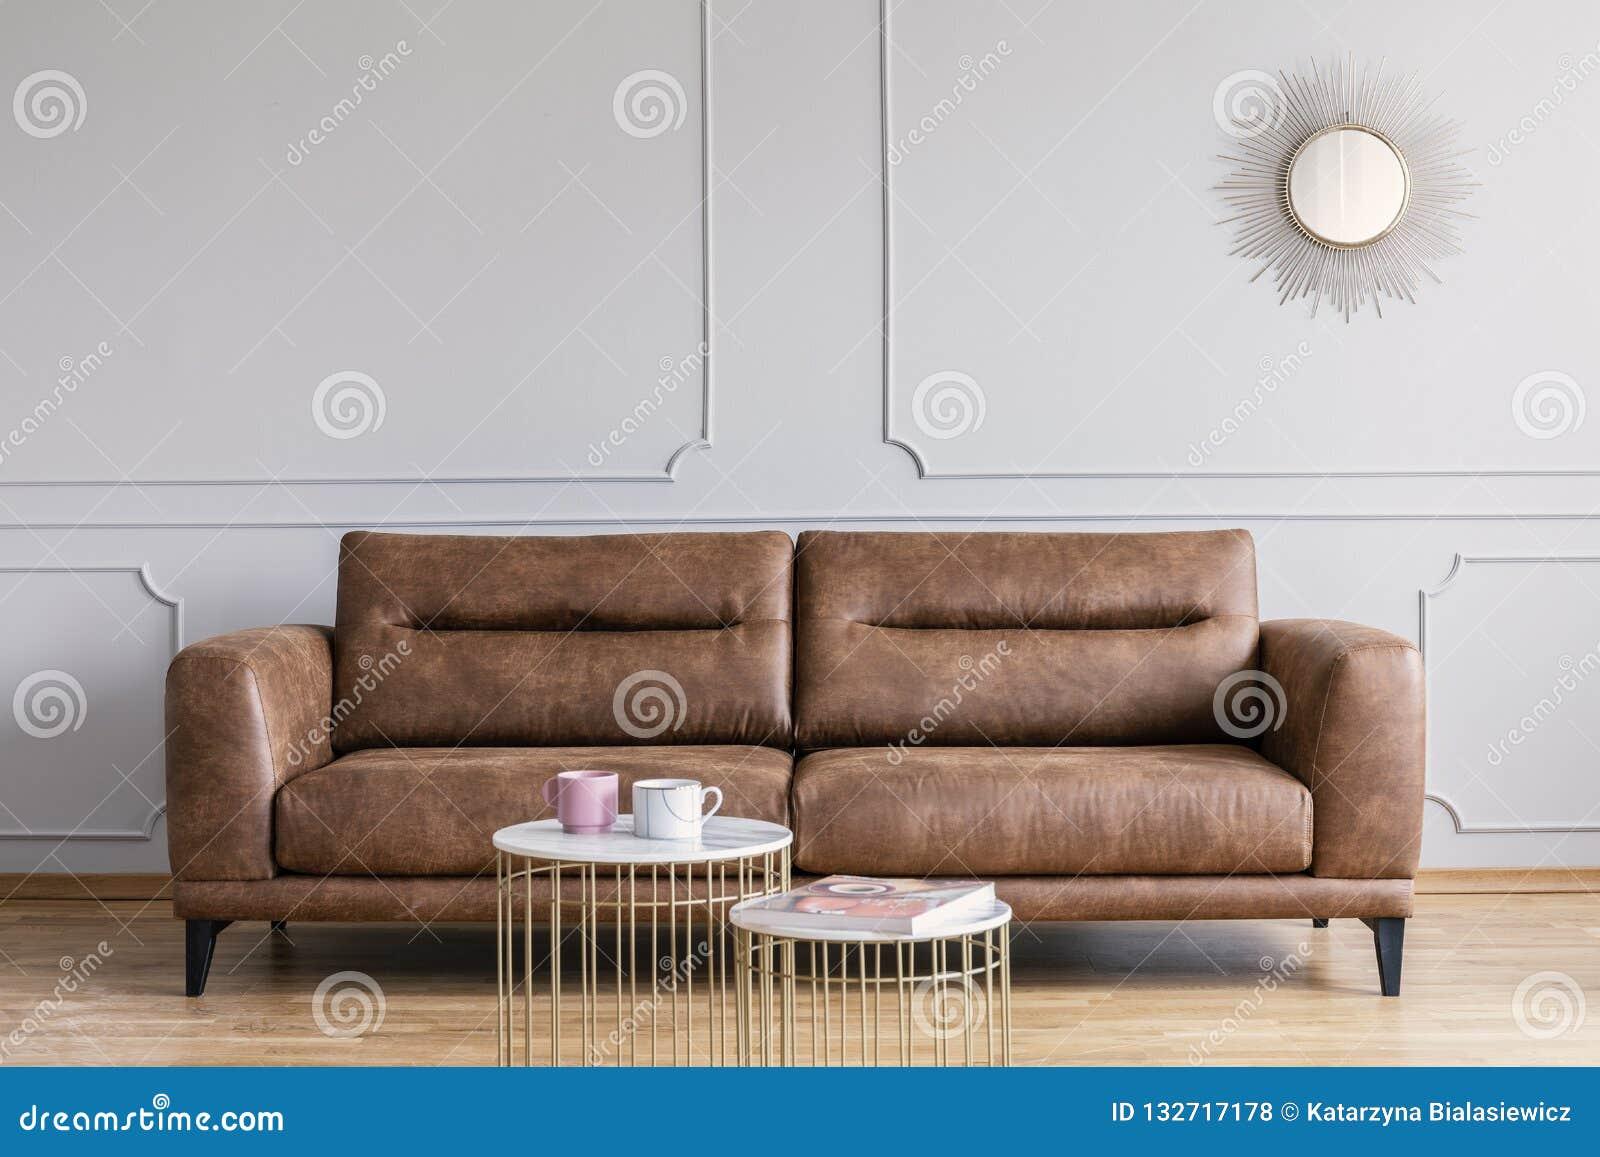 Sofá, mesas de centro y espejo de cuero en un interior de la sala de estar